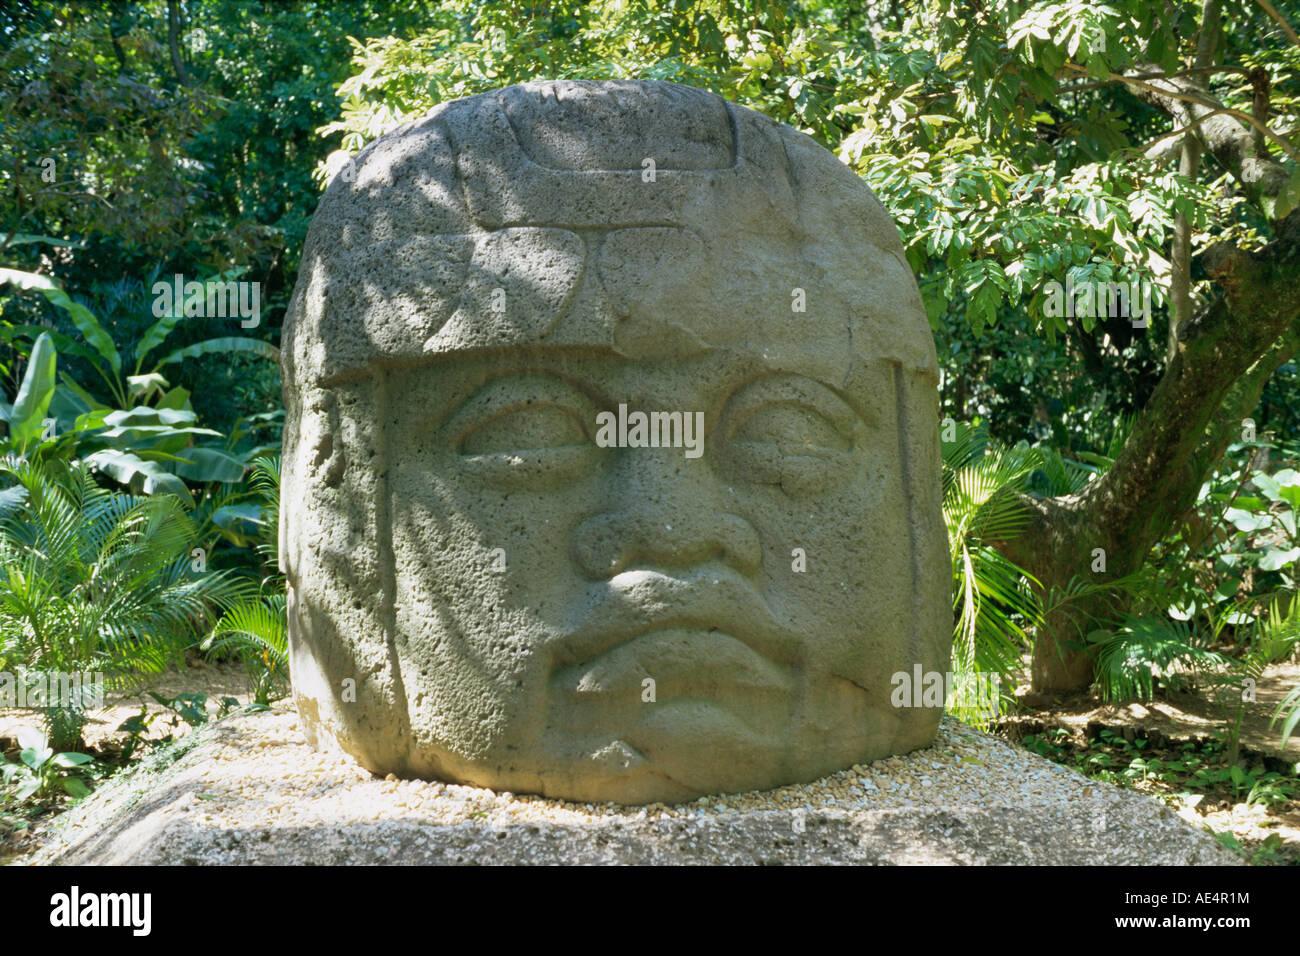 Foto De Parque Museo La Venta Villahermosa: Olmec Stone Head At Parque-Museo La Venta, Villahermosa